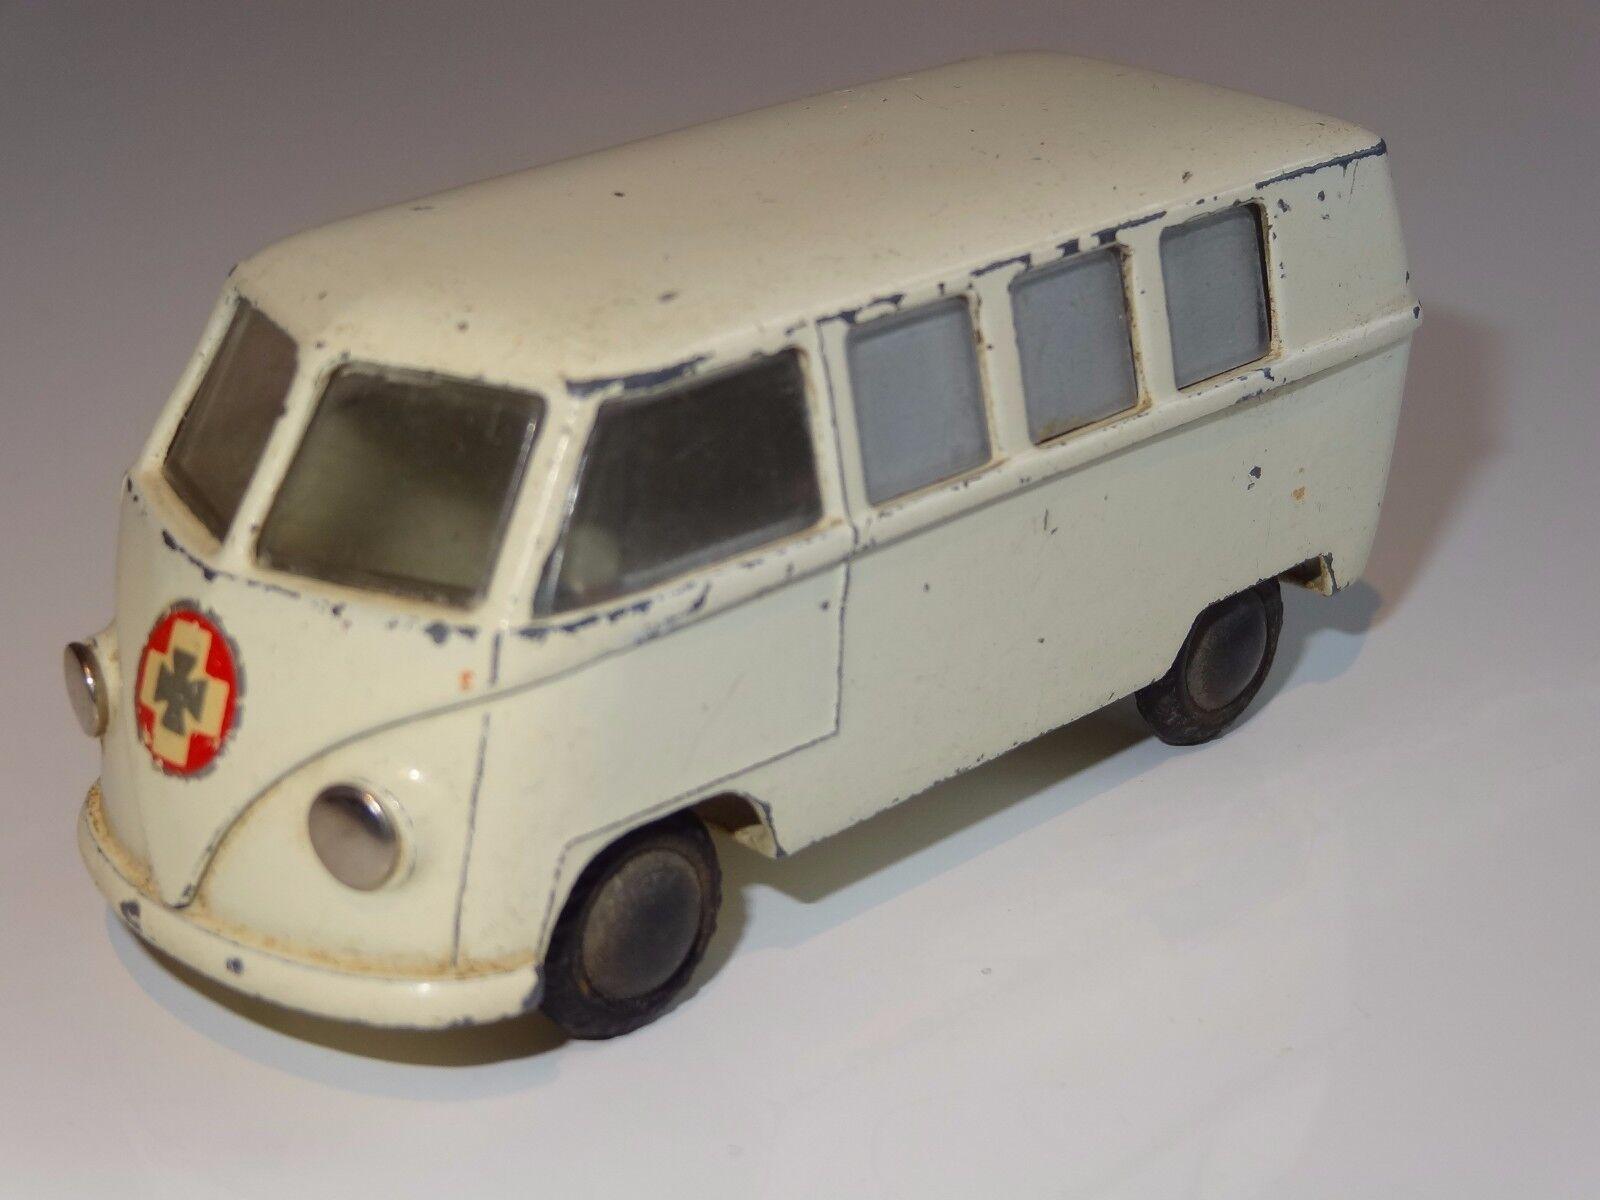 (a) Tekno Vw Volkswagen en panDimensione dividida Combi Ambulancia Tipo 1 414